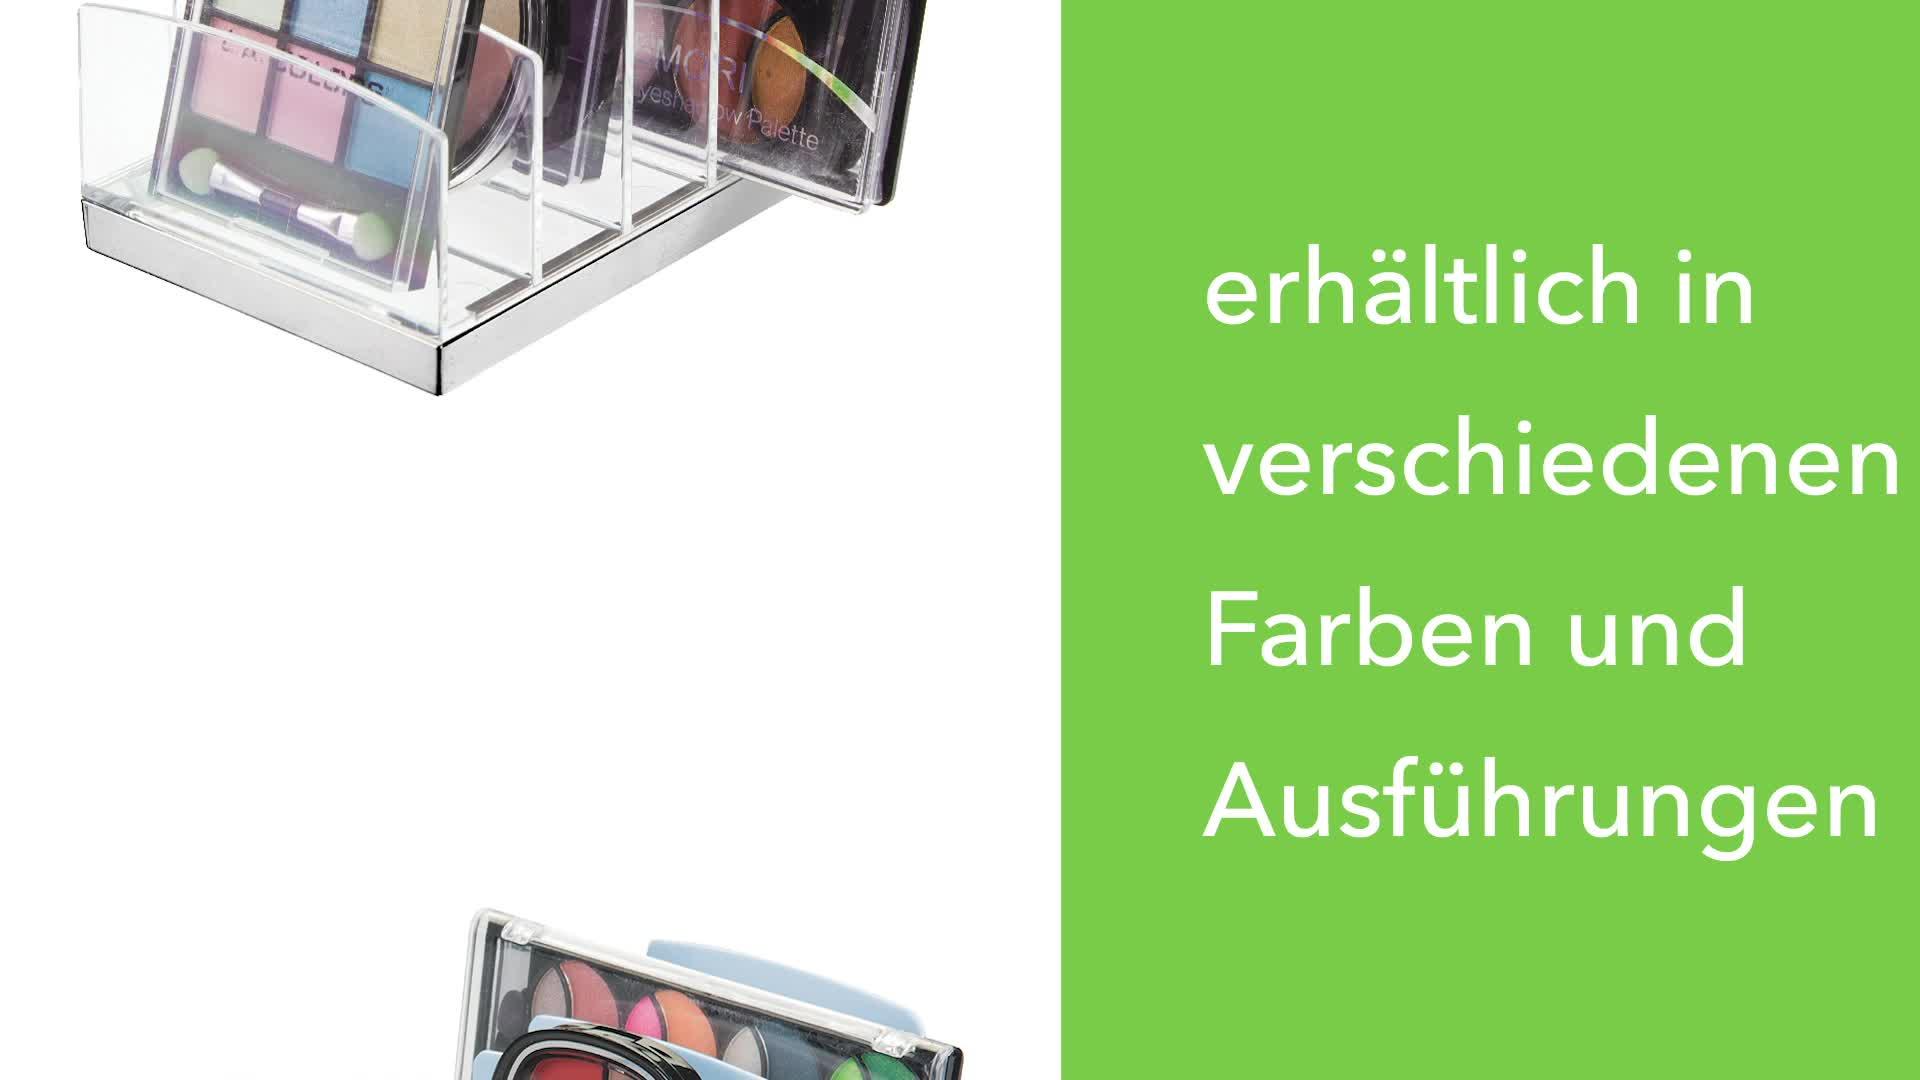 durchsichtig und helllila Schminktisch oder Schrank MDESIGN Kosmetik Organizer aus Kunststoff Schminkaufbewahrung mit 9 Steckpl/ätzen Aufbewahrungsbox f/ür den Waschtisch